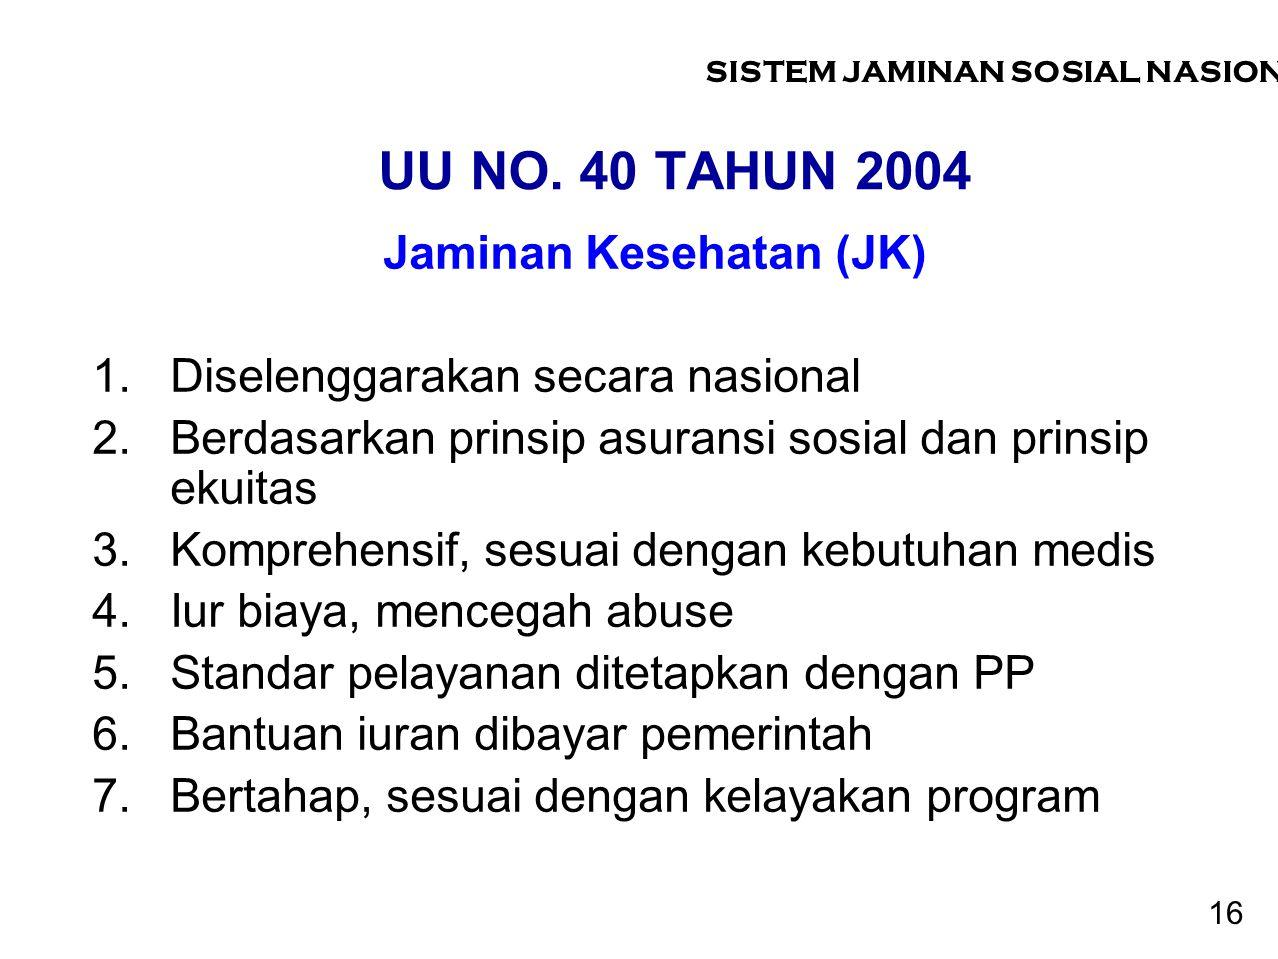 UU NO. 40 TAHUN 2004 Jaminan Kesehatan (JK) 1.Diselenggarakan secara nasional 2.Berdasarkan prinsip asuransi sosial dan prinsip ekuitas 3.Komprehensif